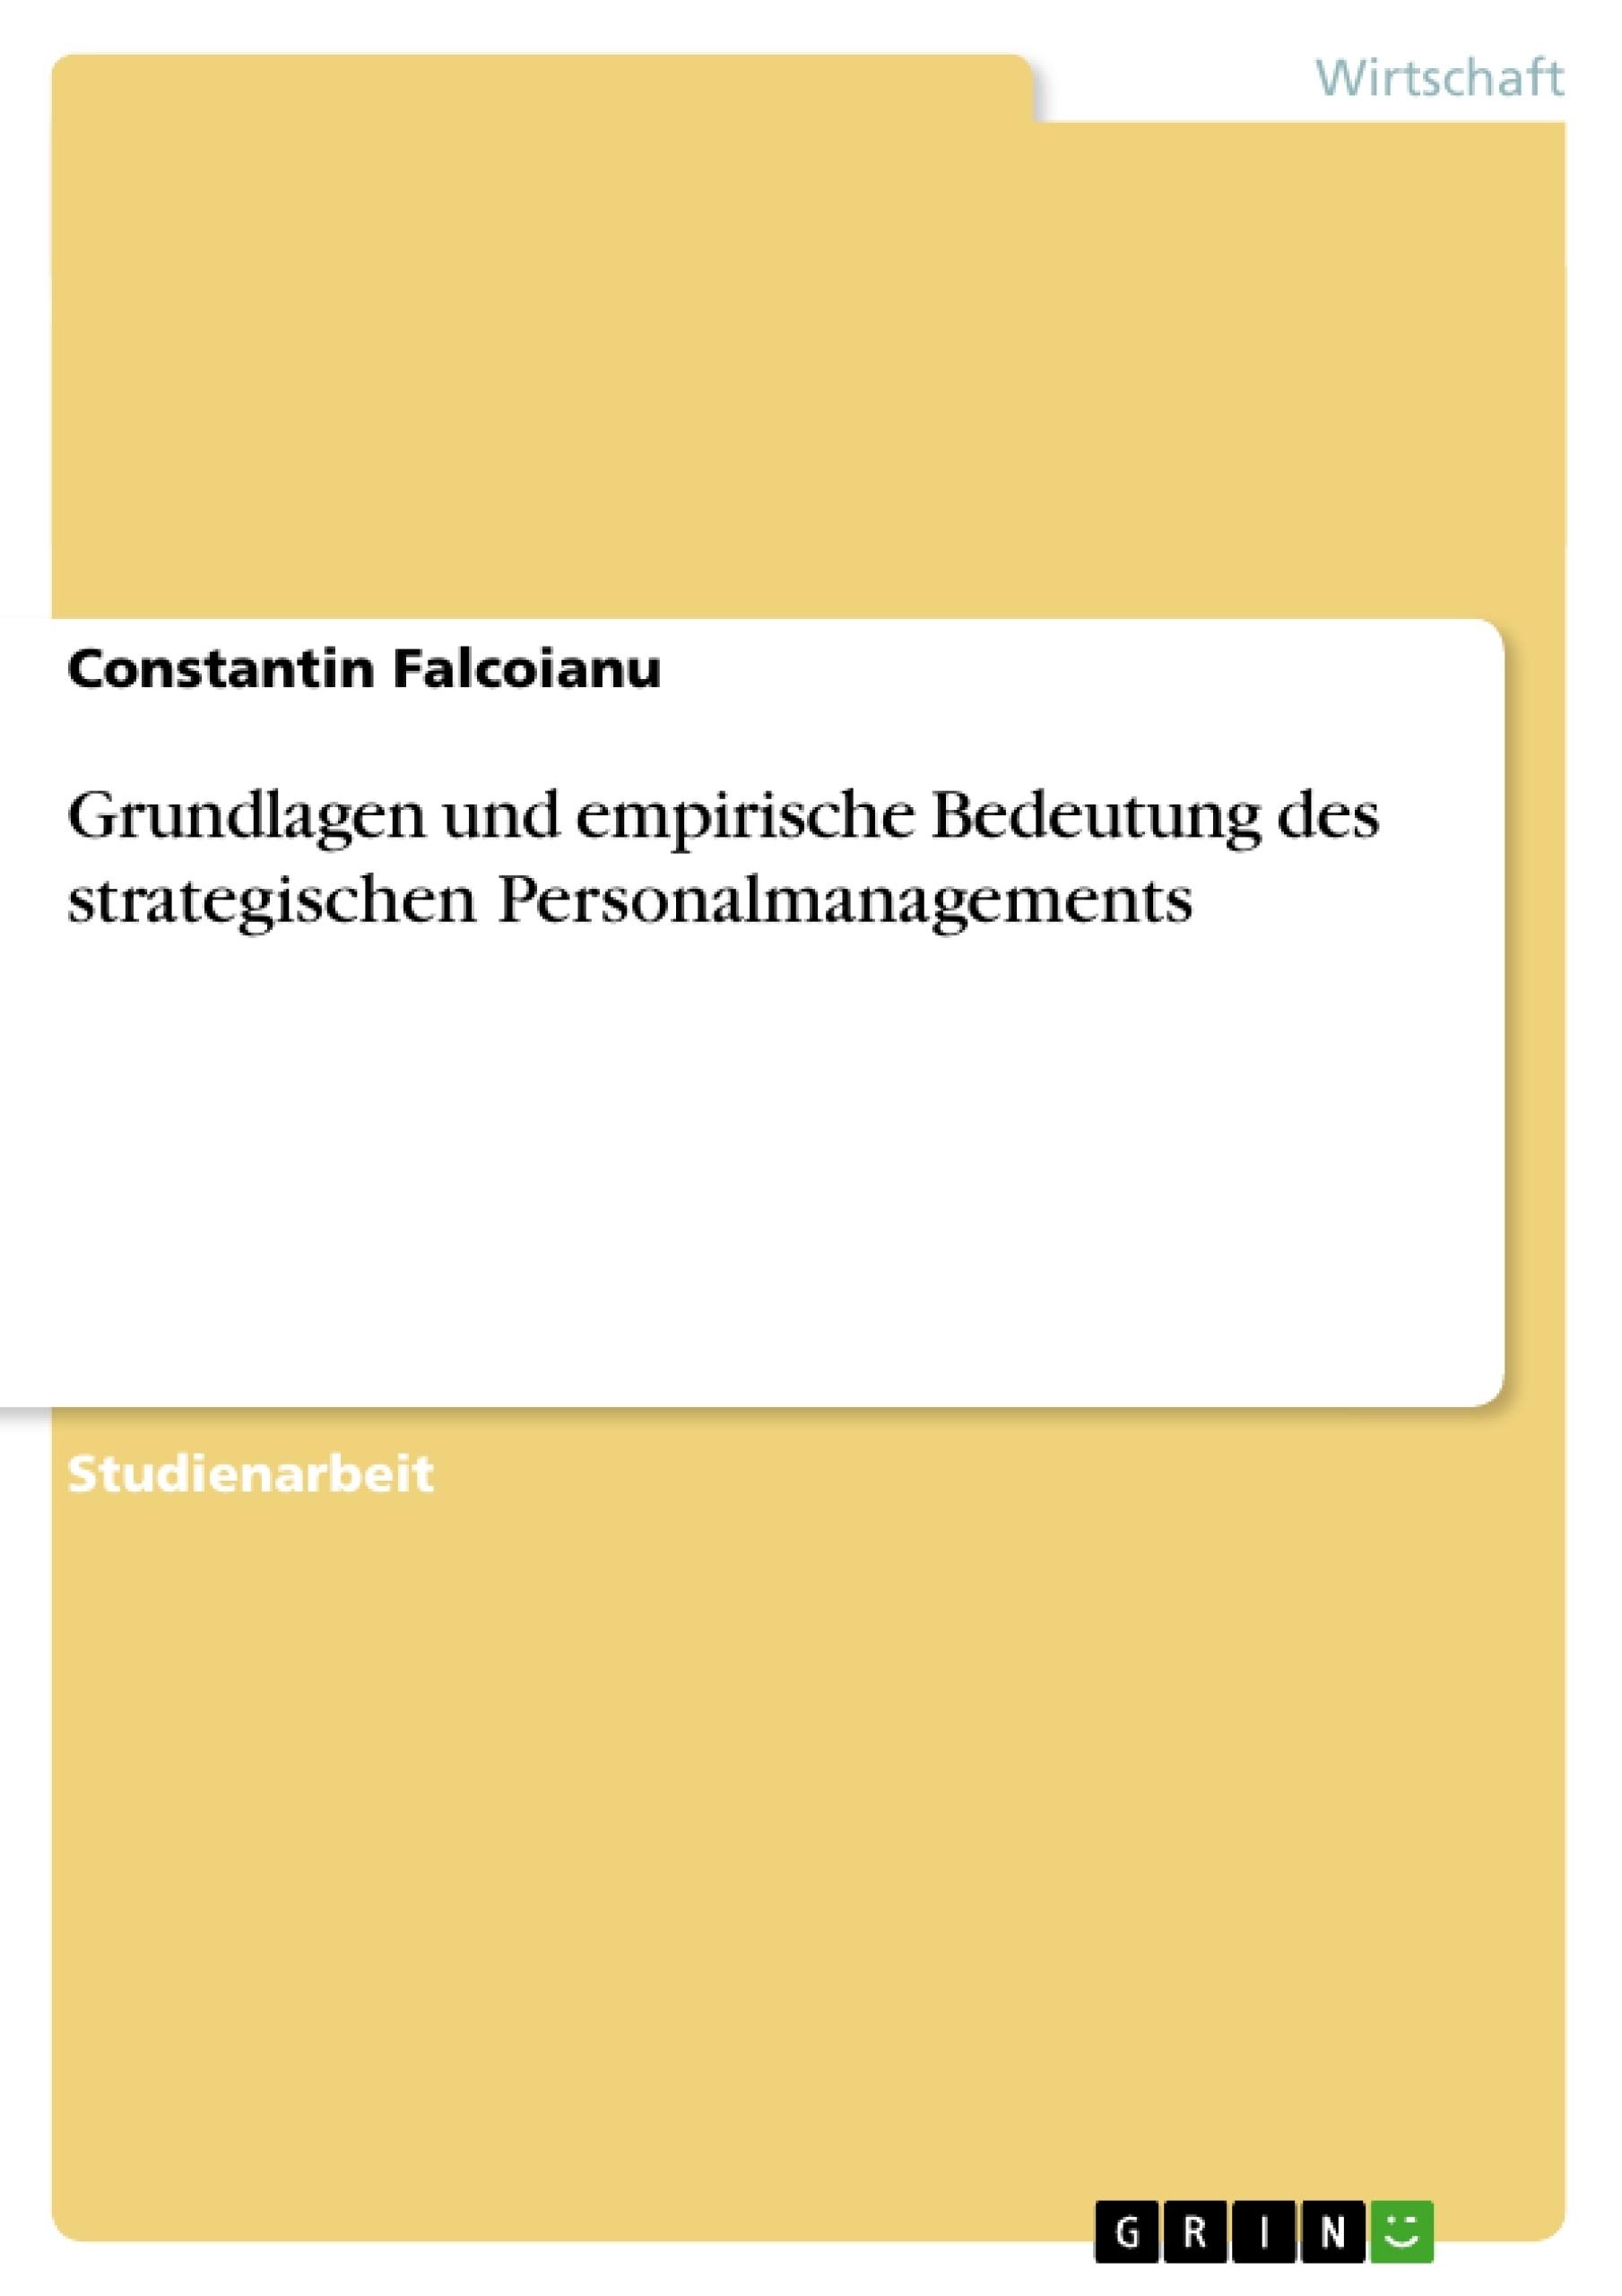 Titel: Grundlagen und empirische Bedeutung des strategischen Personalmanagements